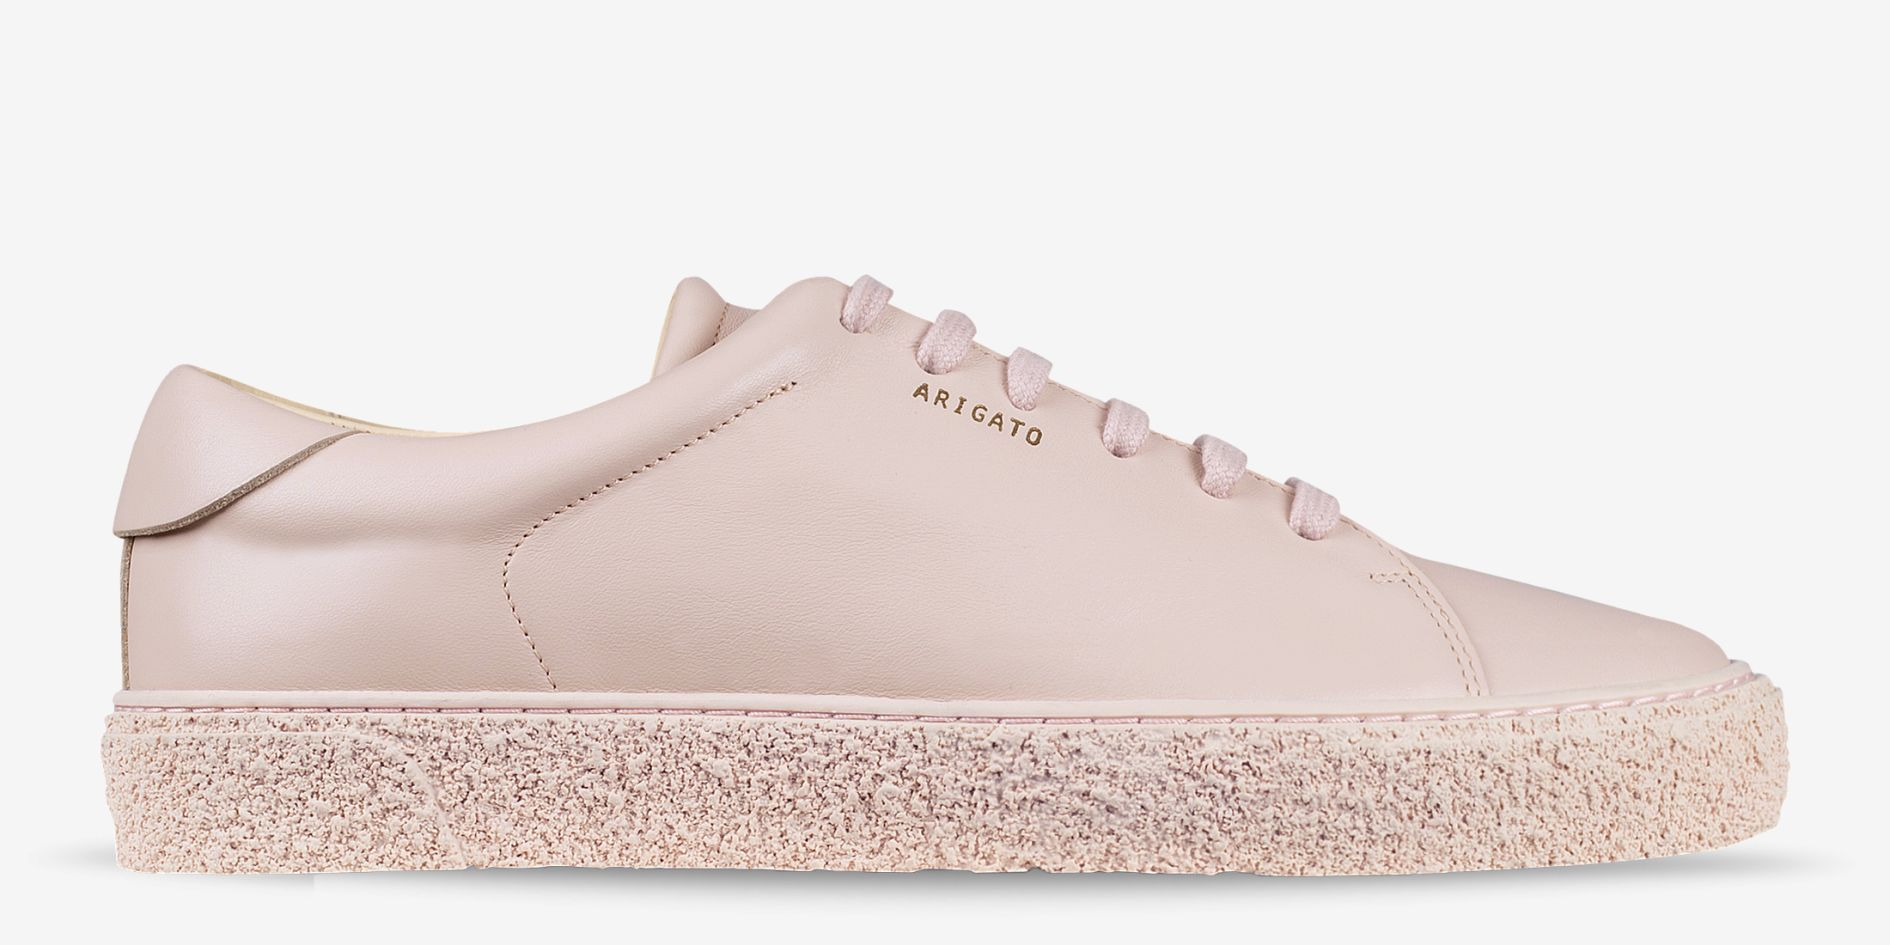 AXEL ARIGATO - Tennis Sneaker in Pale